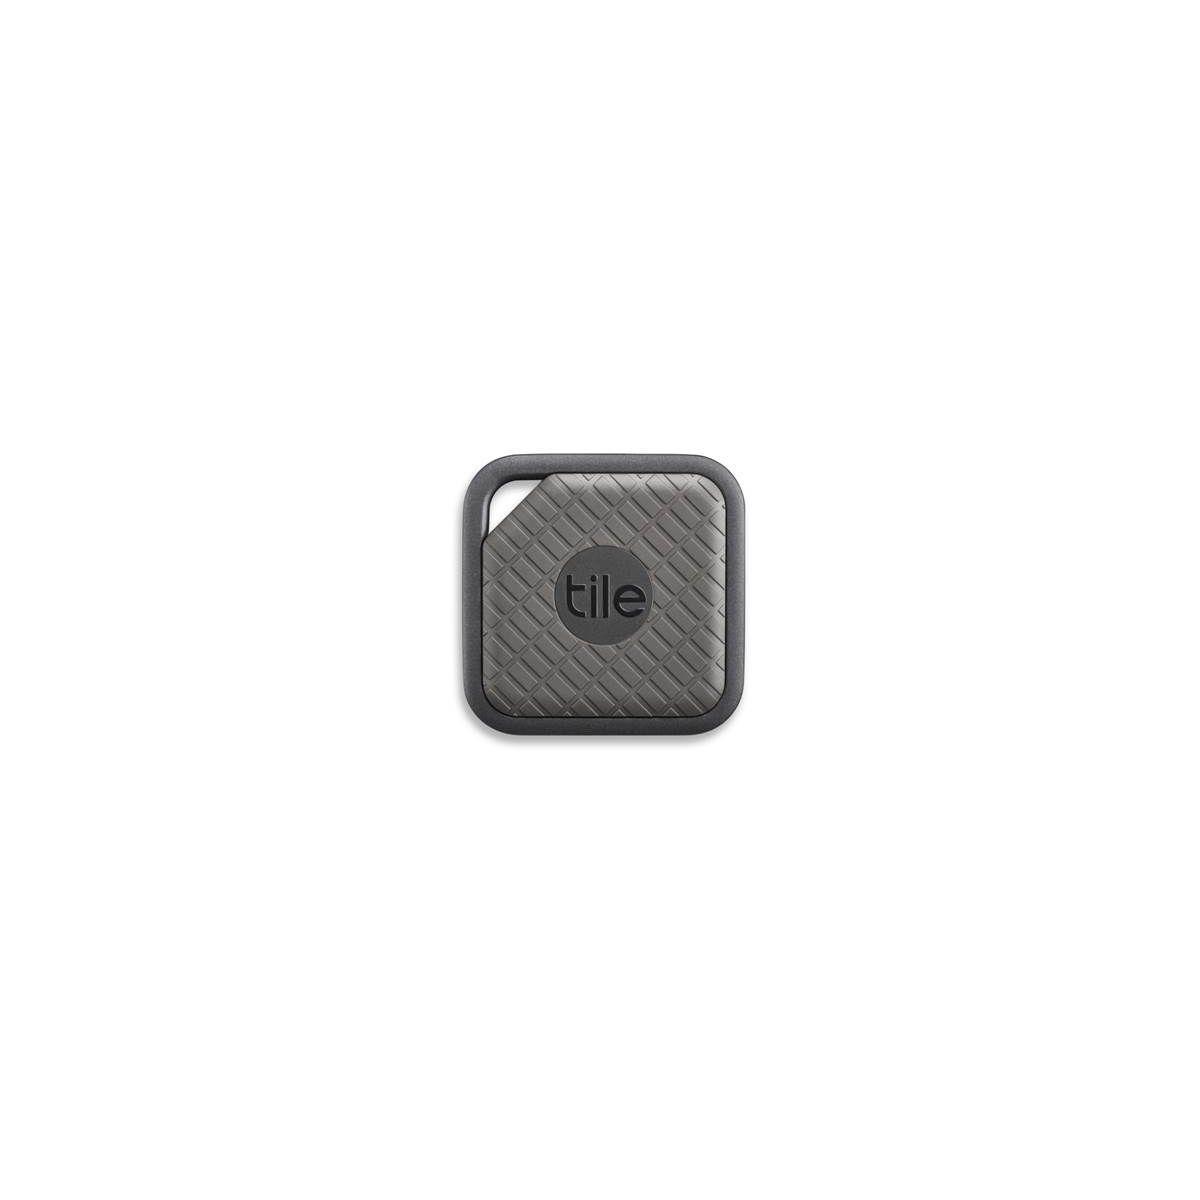 D�tecteur tile pro sport - 2% de remise imm�diate avec le code : paques2 (photo)